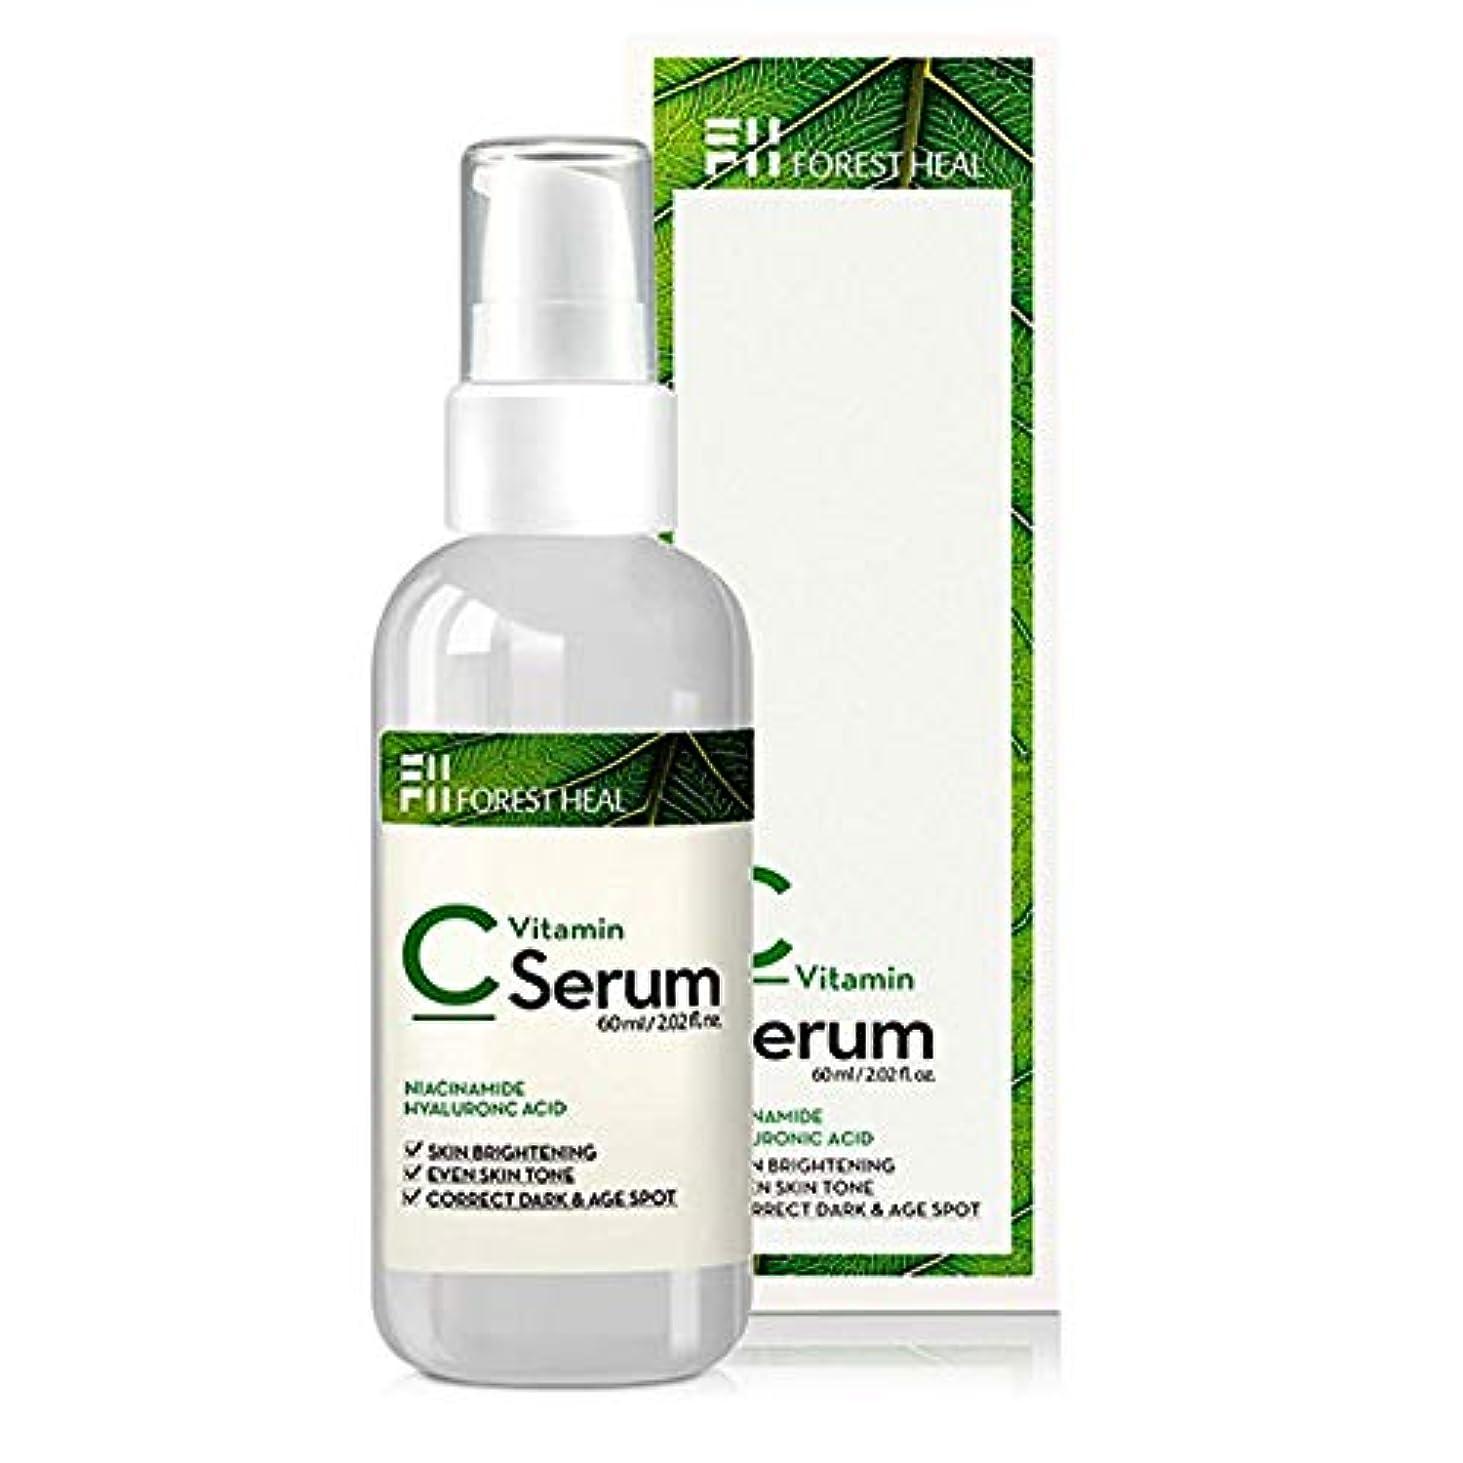 散逸達成滑るフォレストヒール Cセラム FOREST HEAL VITAMIN C Serum オーガニック ビタミンセラム ビタミン美容液 肌トラブル改善 敏感肌 トラブル肌 ツヤ肌 すべすべ肌 透明感 美白 セラム 美容液